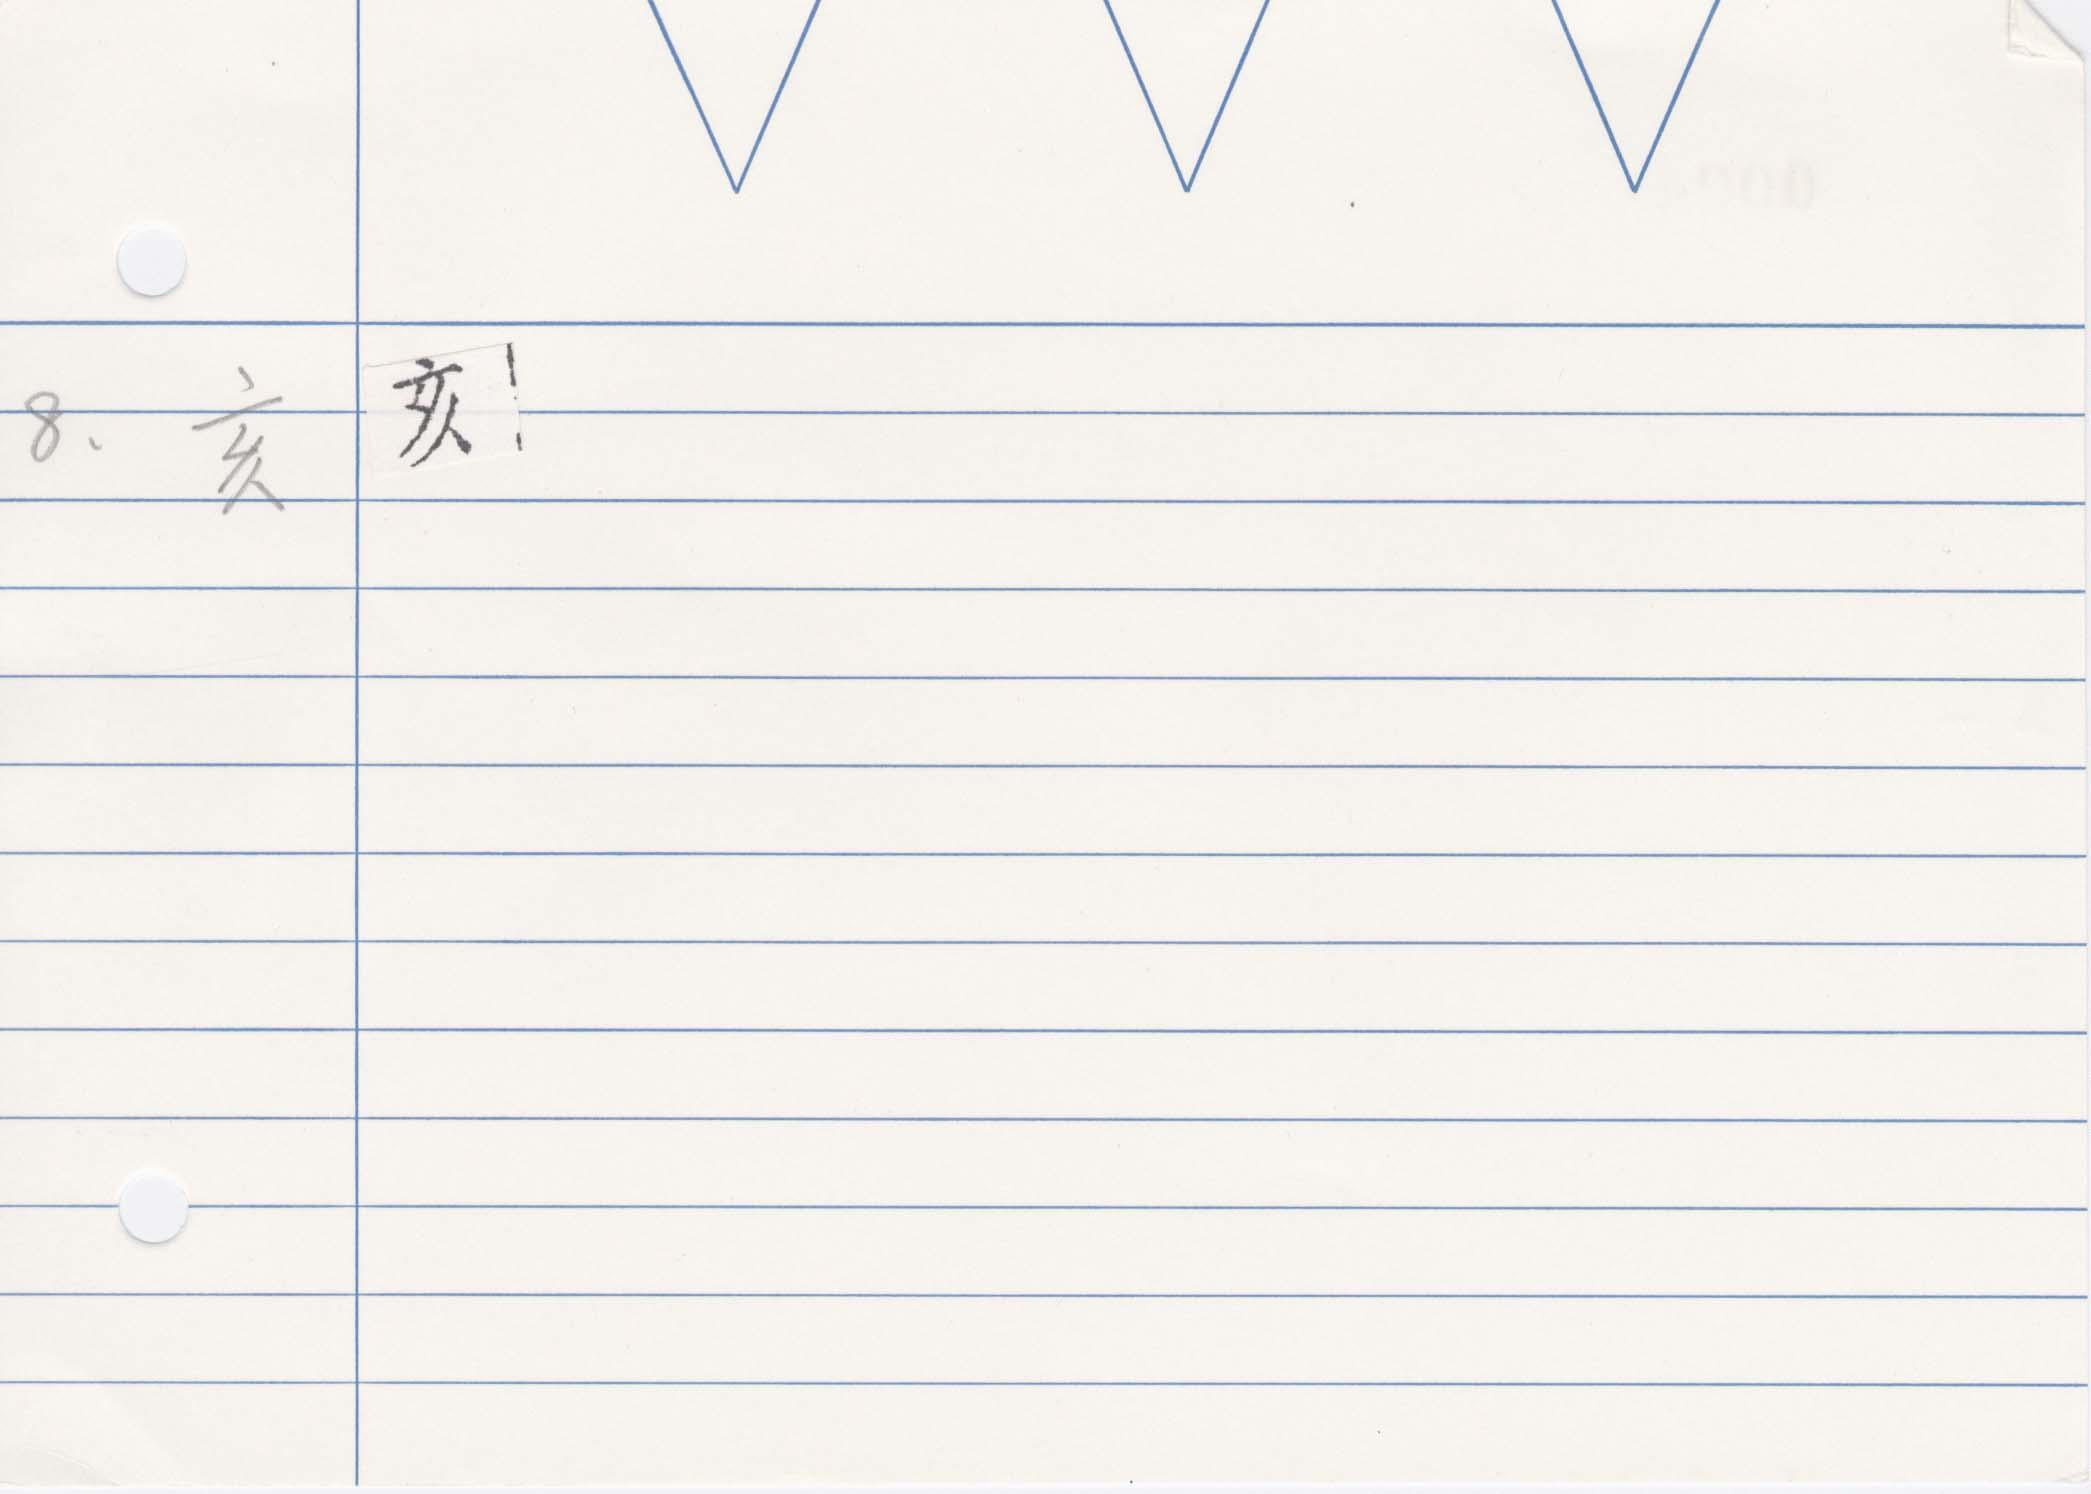 26_齊民要術卷五(高山寺本)/cards/0004.jpg